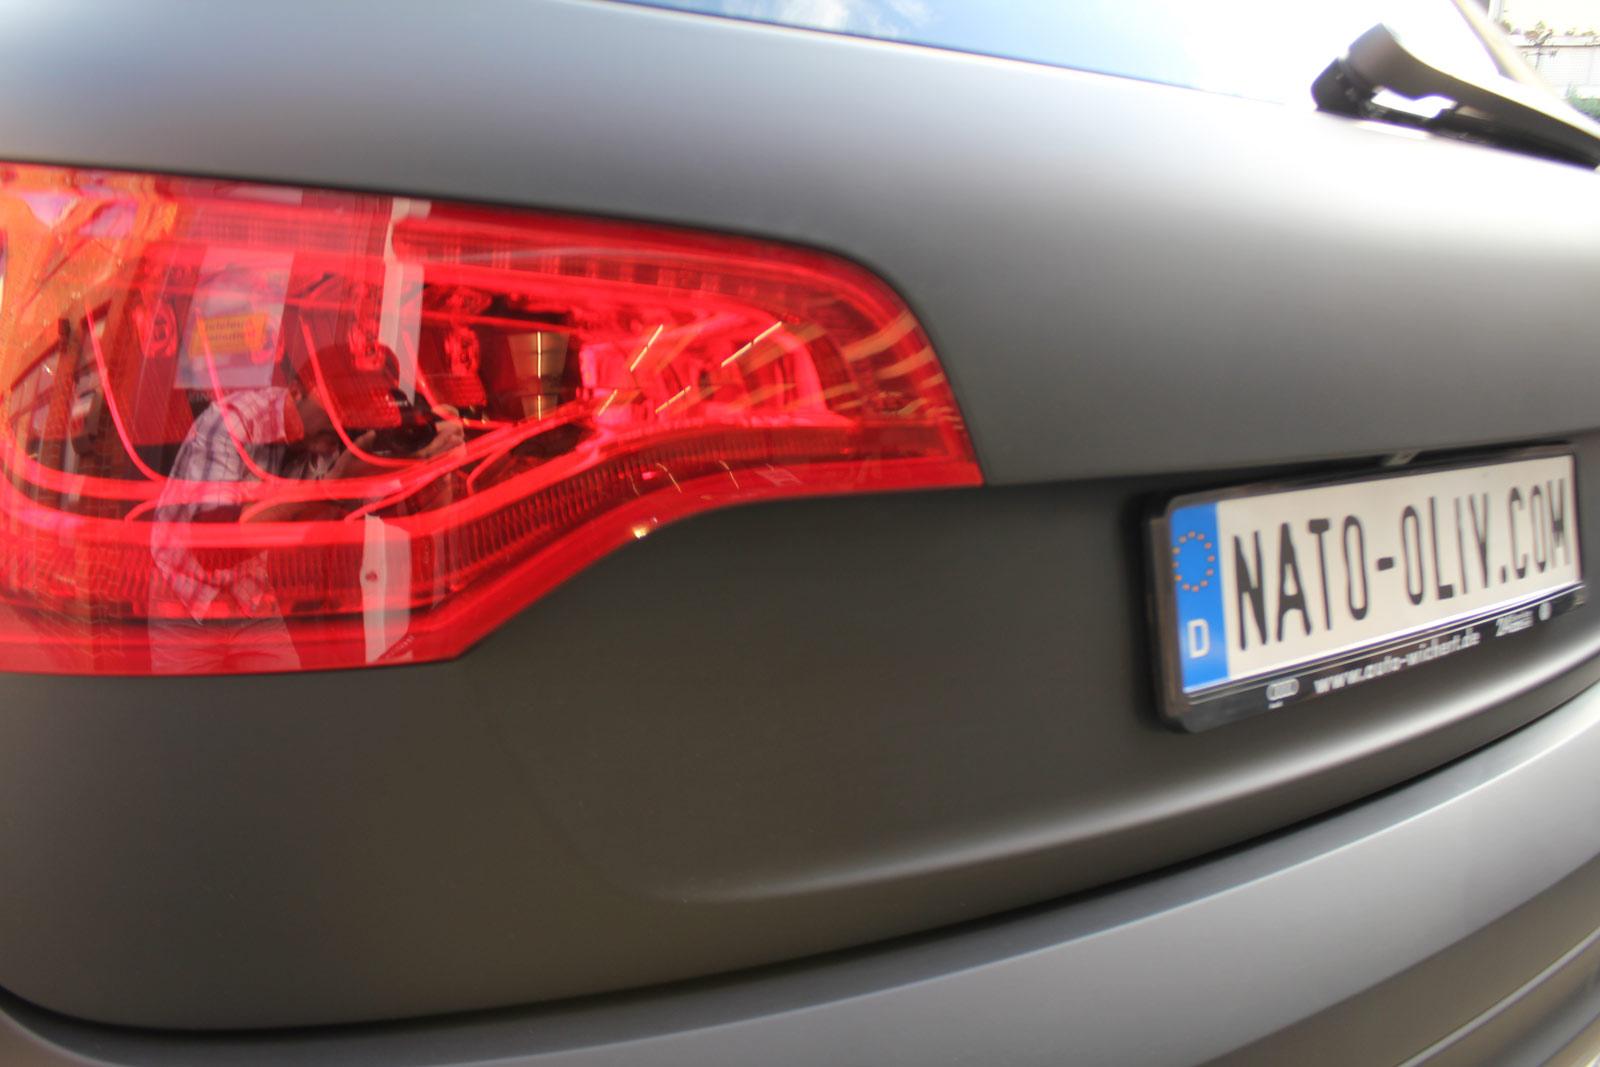 Audi_Q7_Folienbeklebung_Schwarz_Ultramatt_12